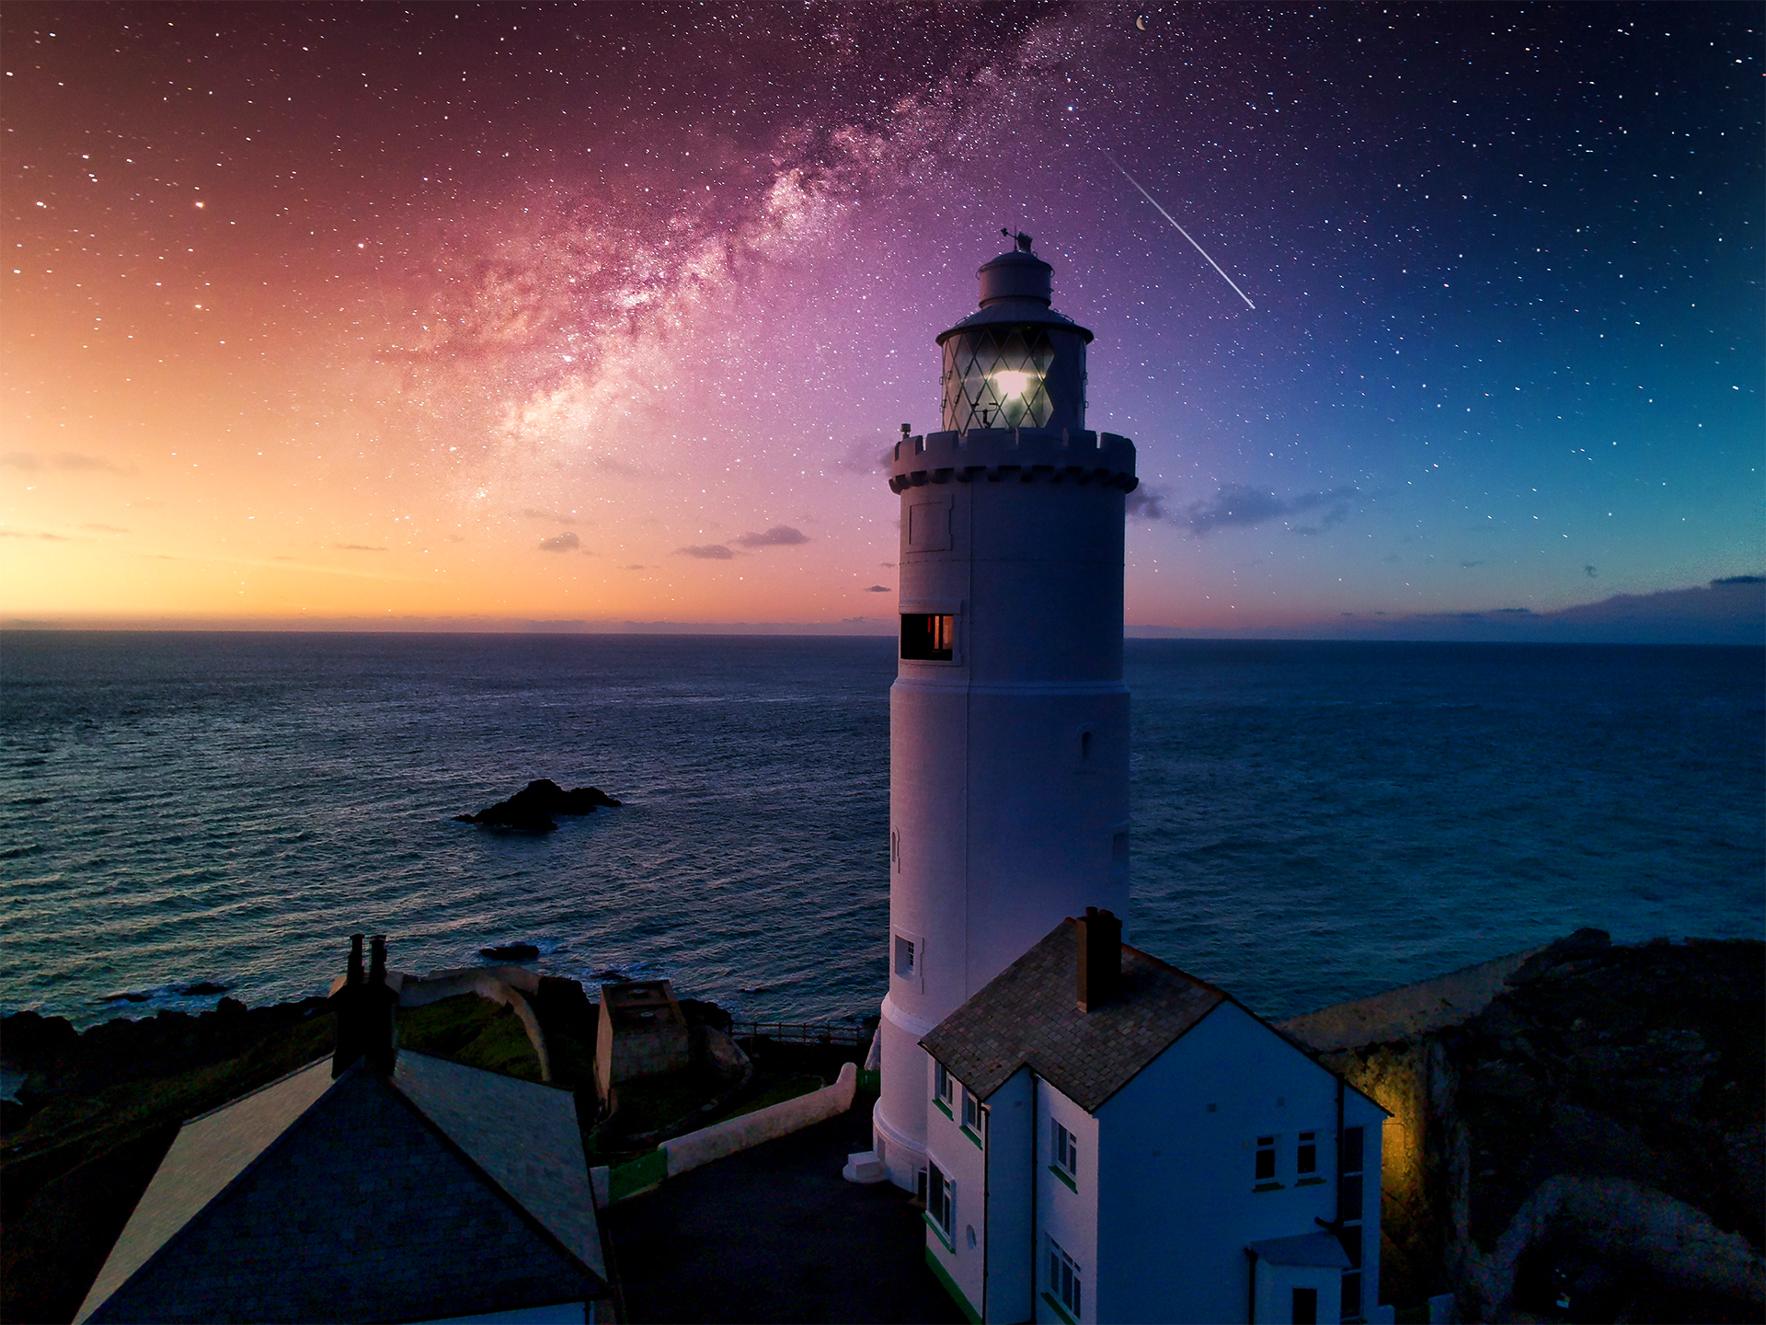 RZ-Starlight-sml.jpg